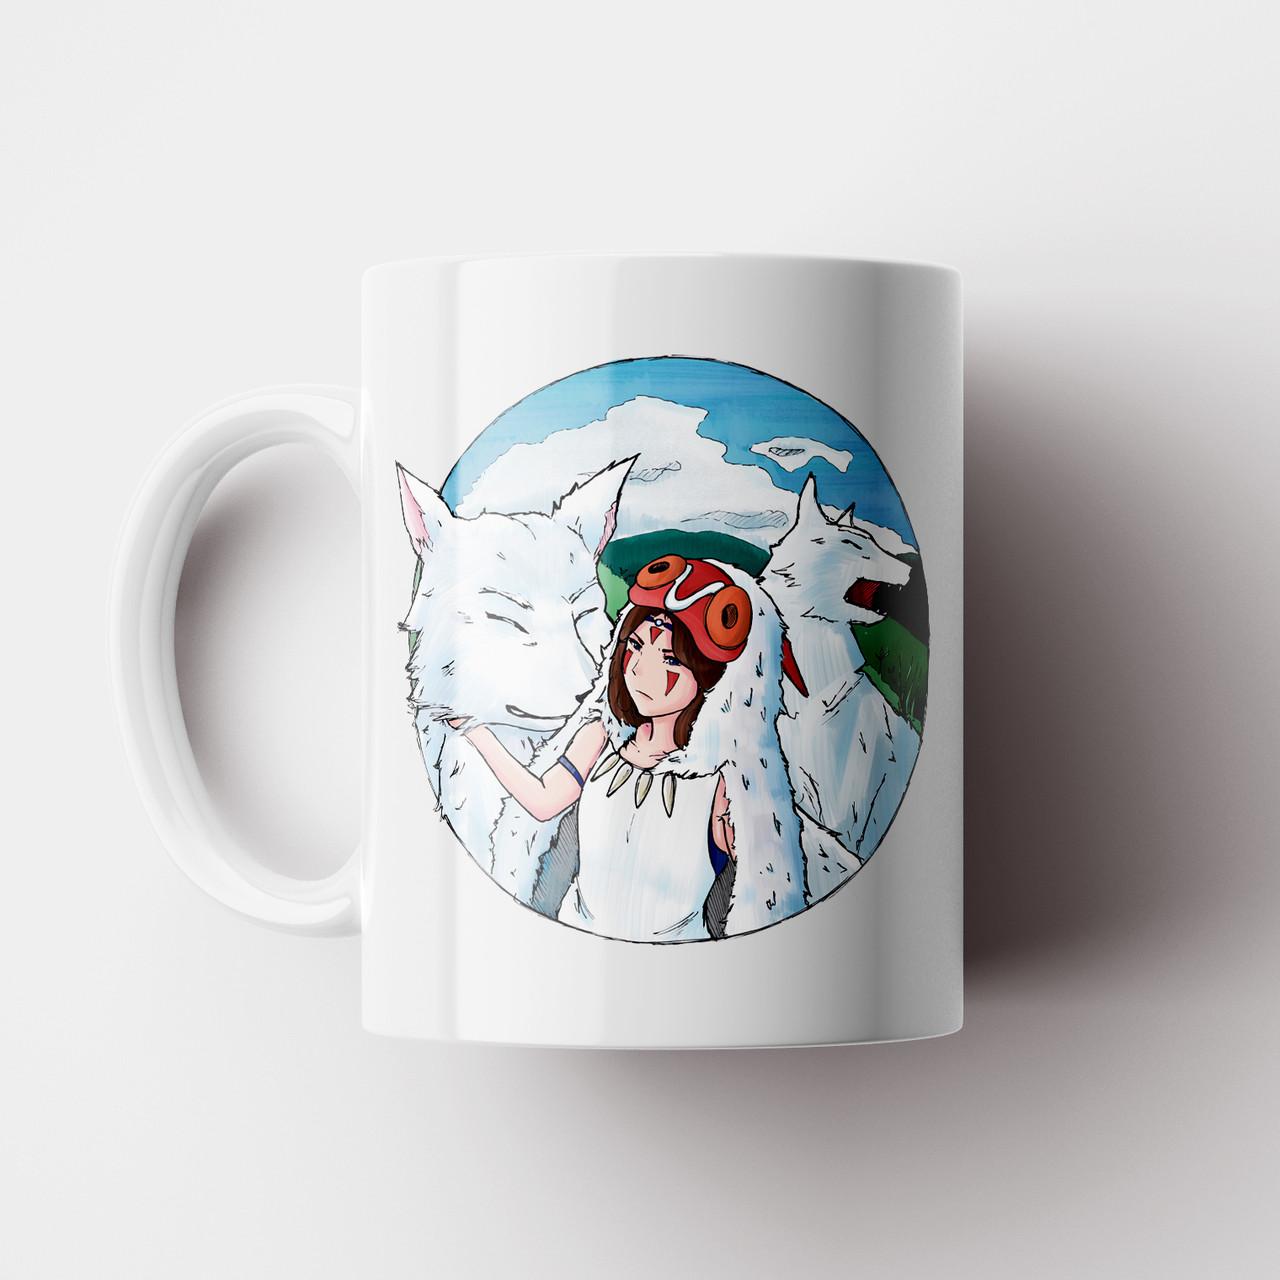 Чашка Принцеса Мононоке. Аніме